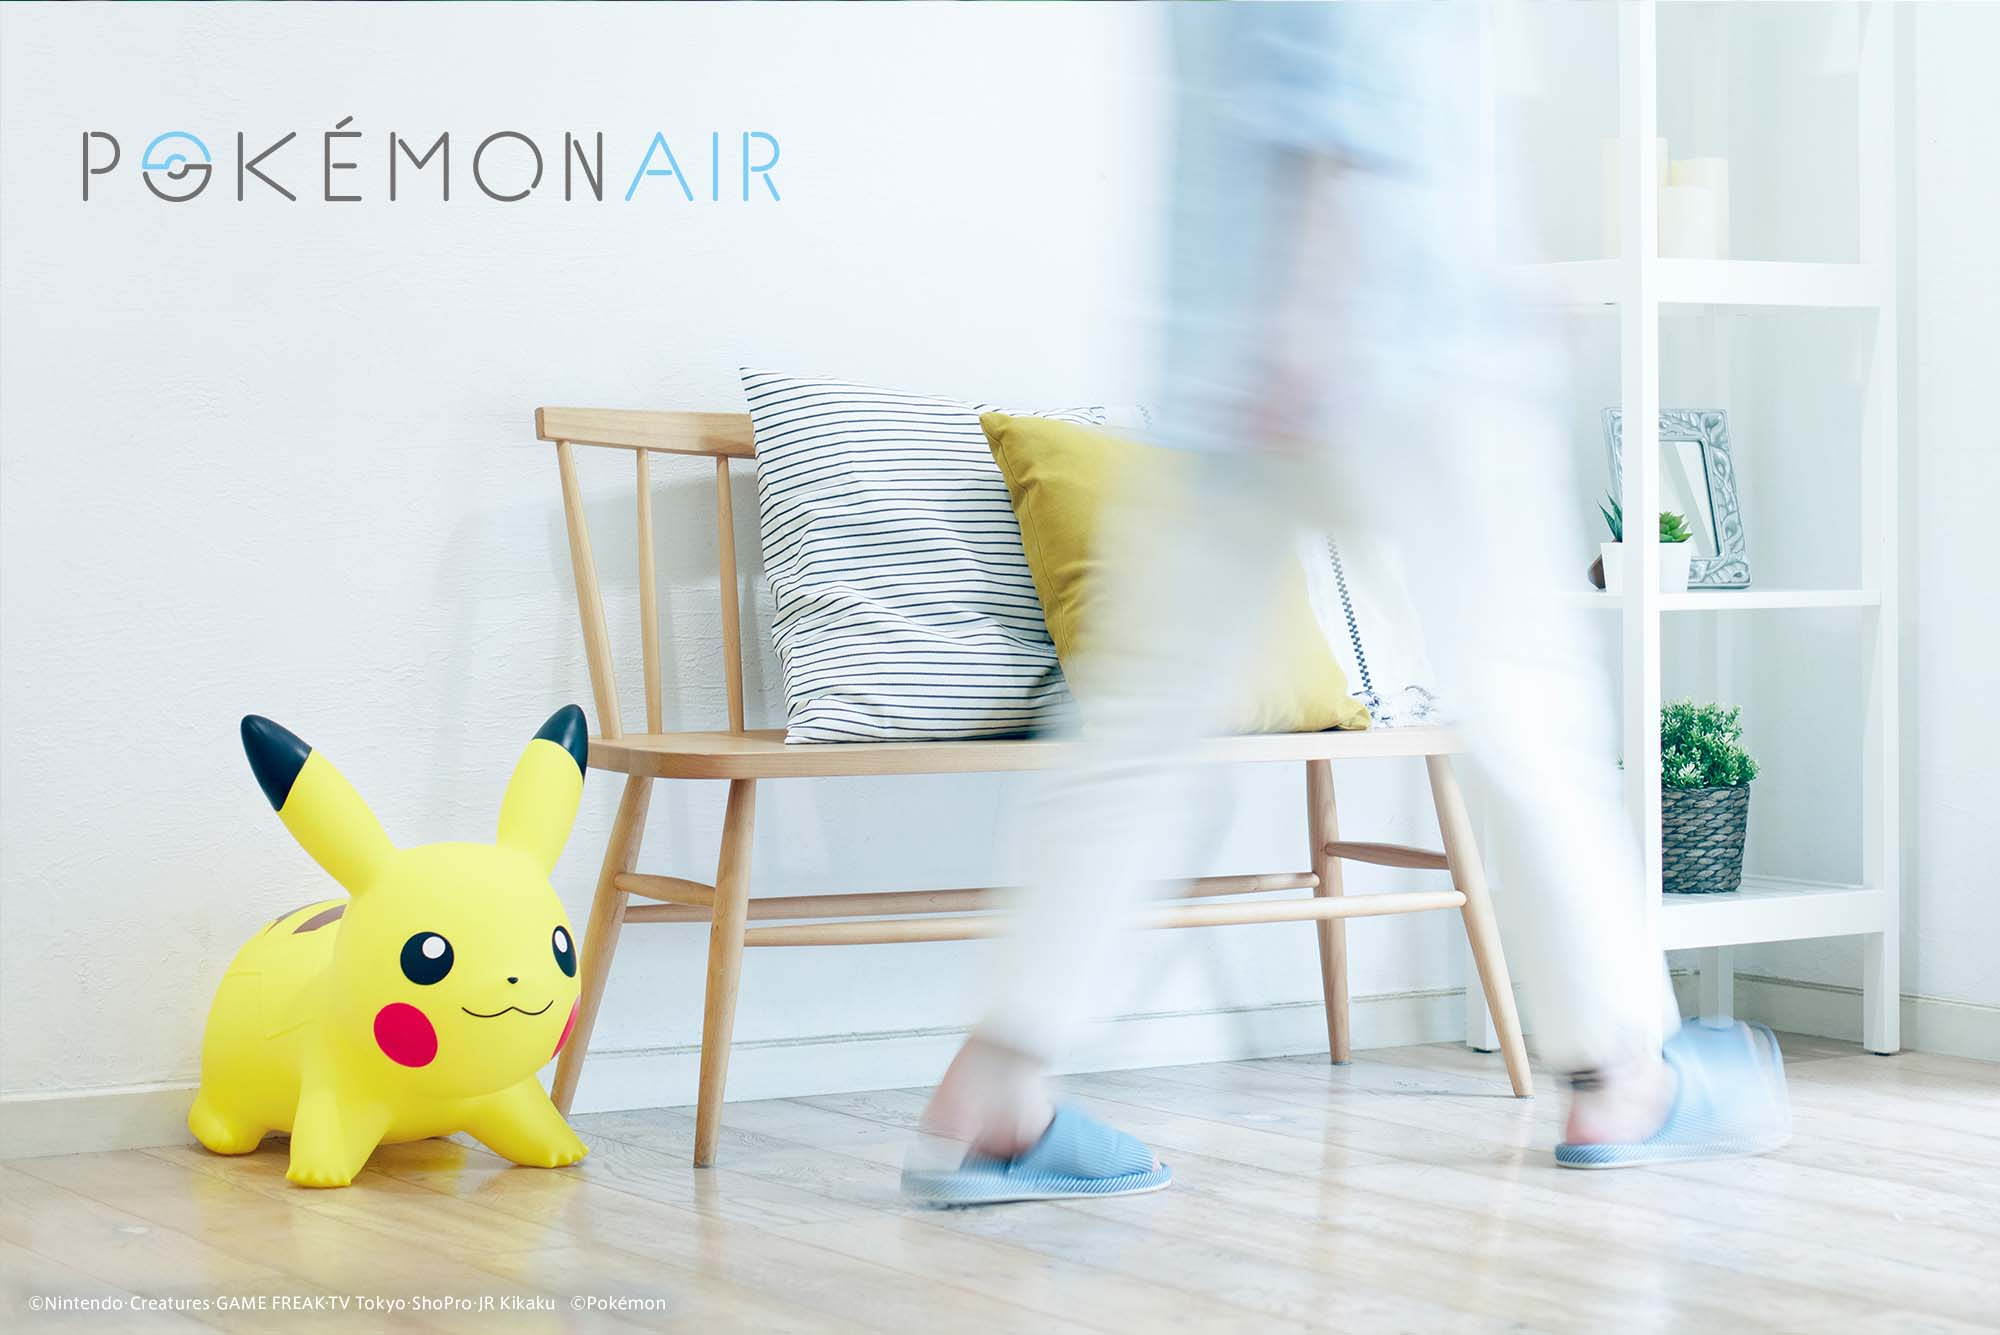 POKEMON AIR(ポケモンエアー ピカチュウ) 精靈寶可夢1